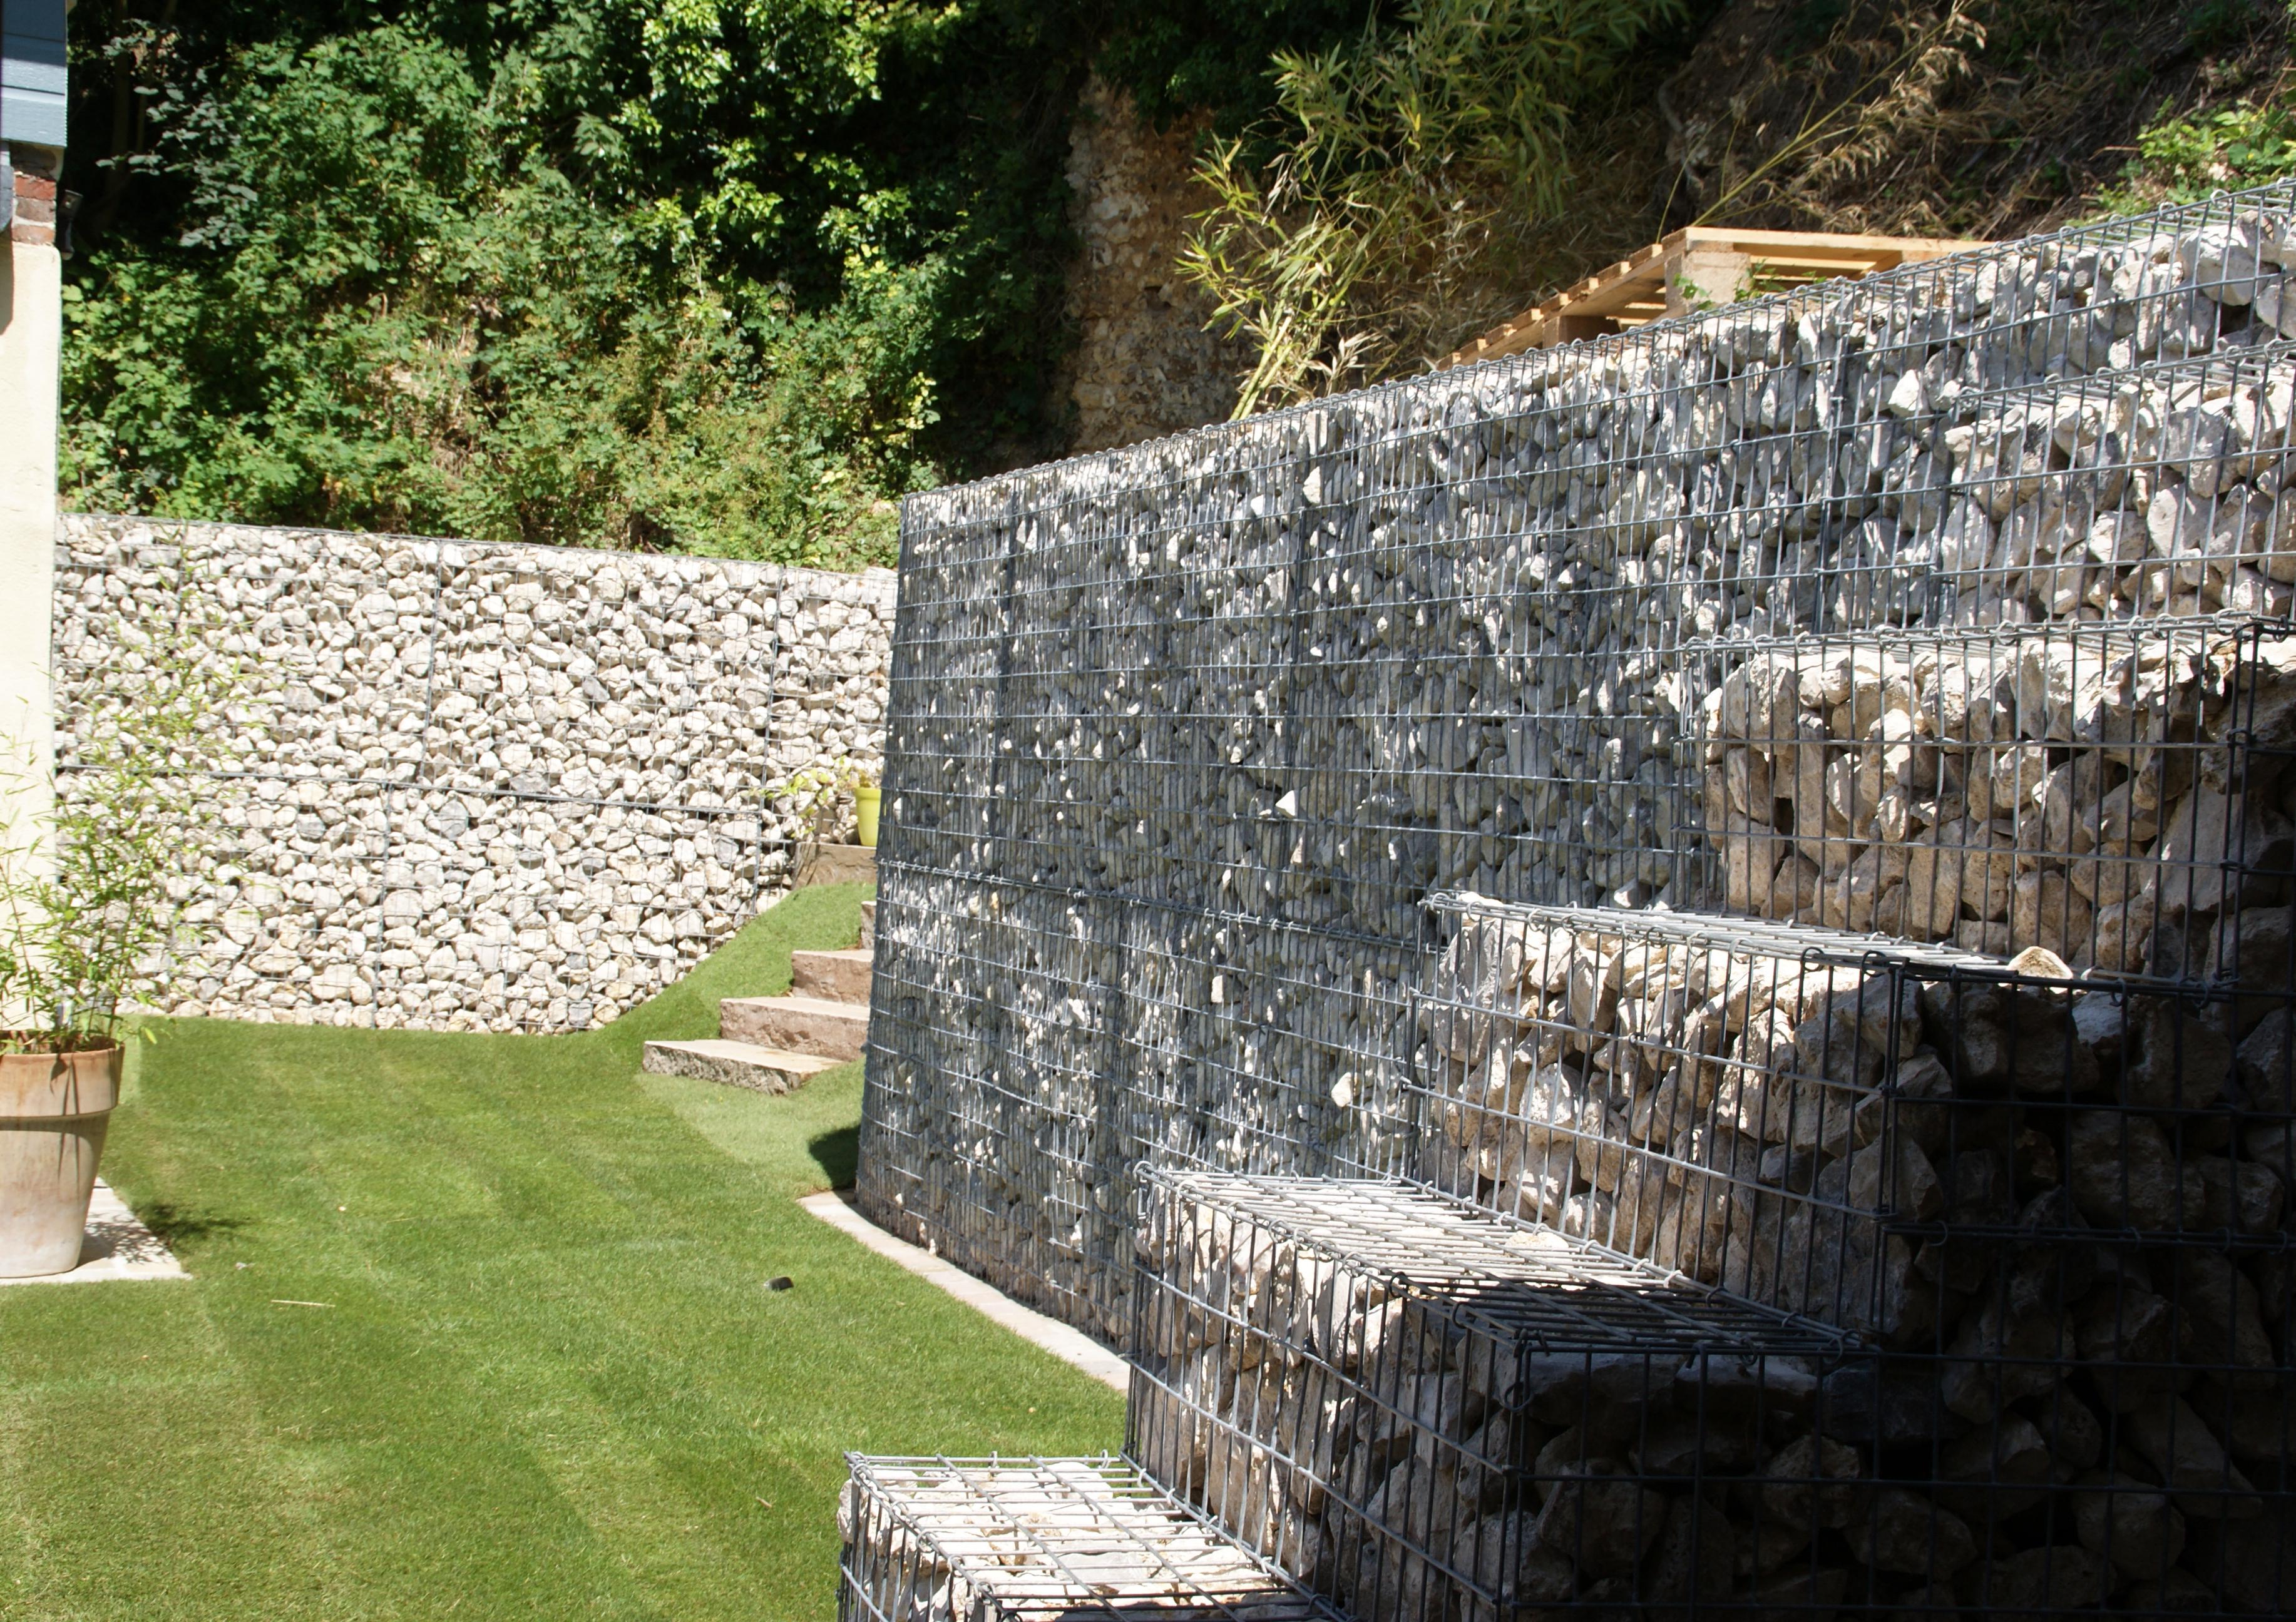 paysagiste-eure-et-loir-28-chartres-entretien-amenagement-jardin-espaces-verts